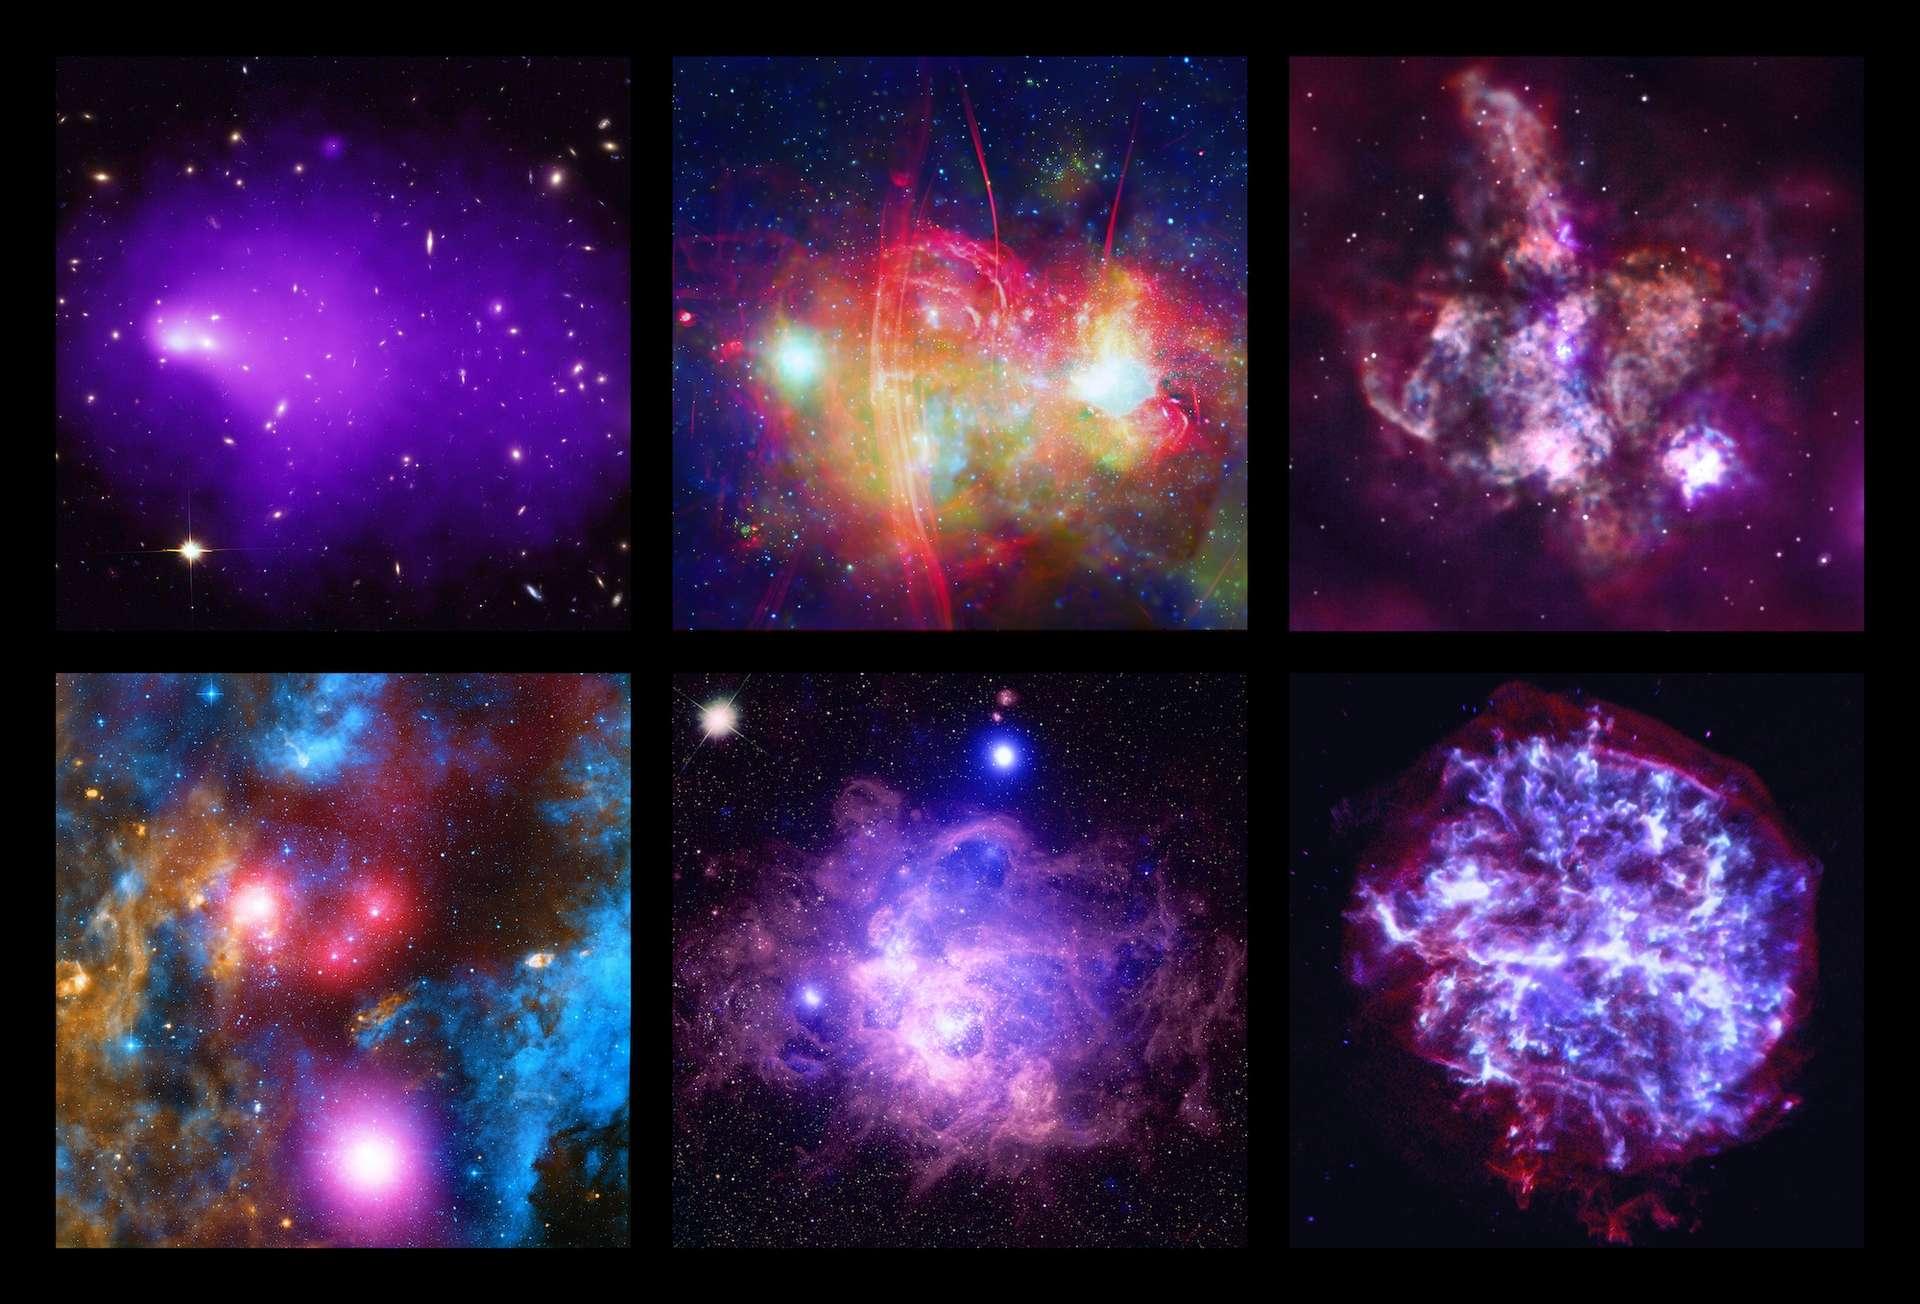 Six nouveaux portraits d'objets cosmiques réalisés par Chandra. Images composites. © Nasa